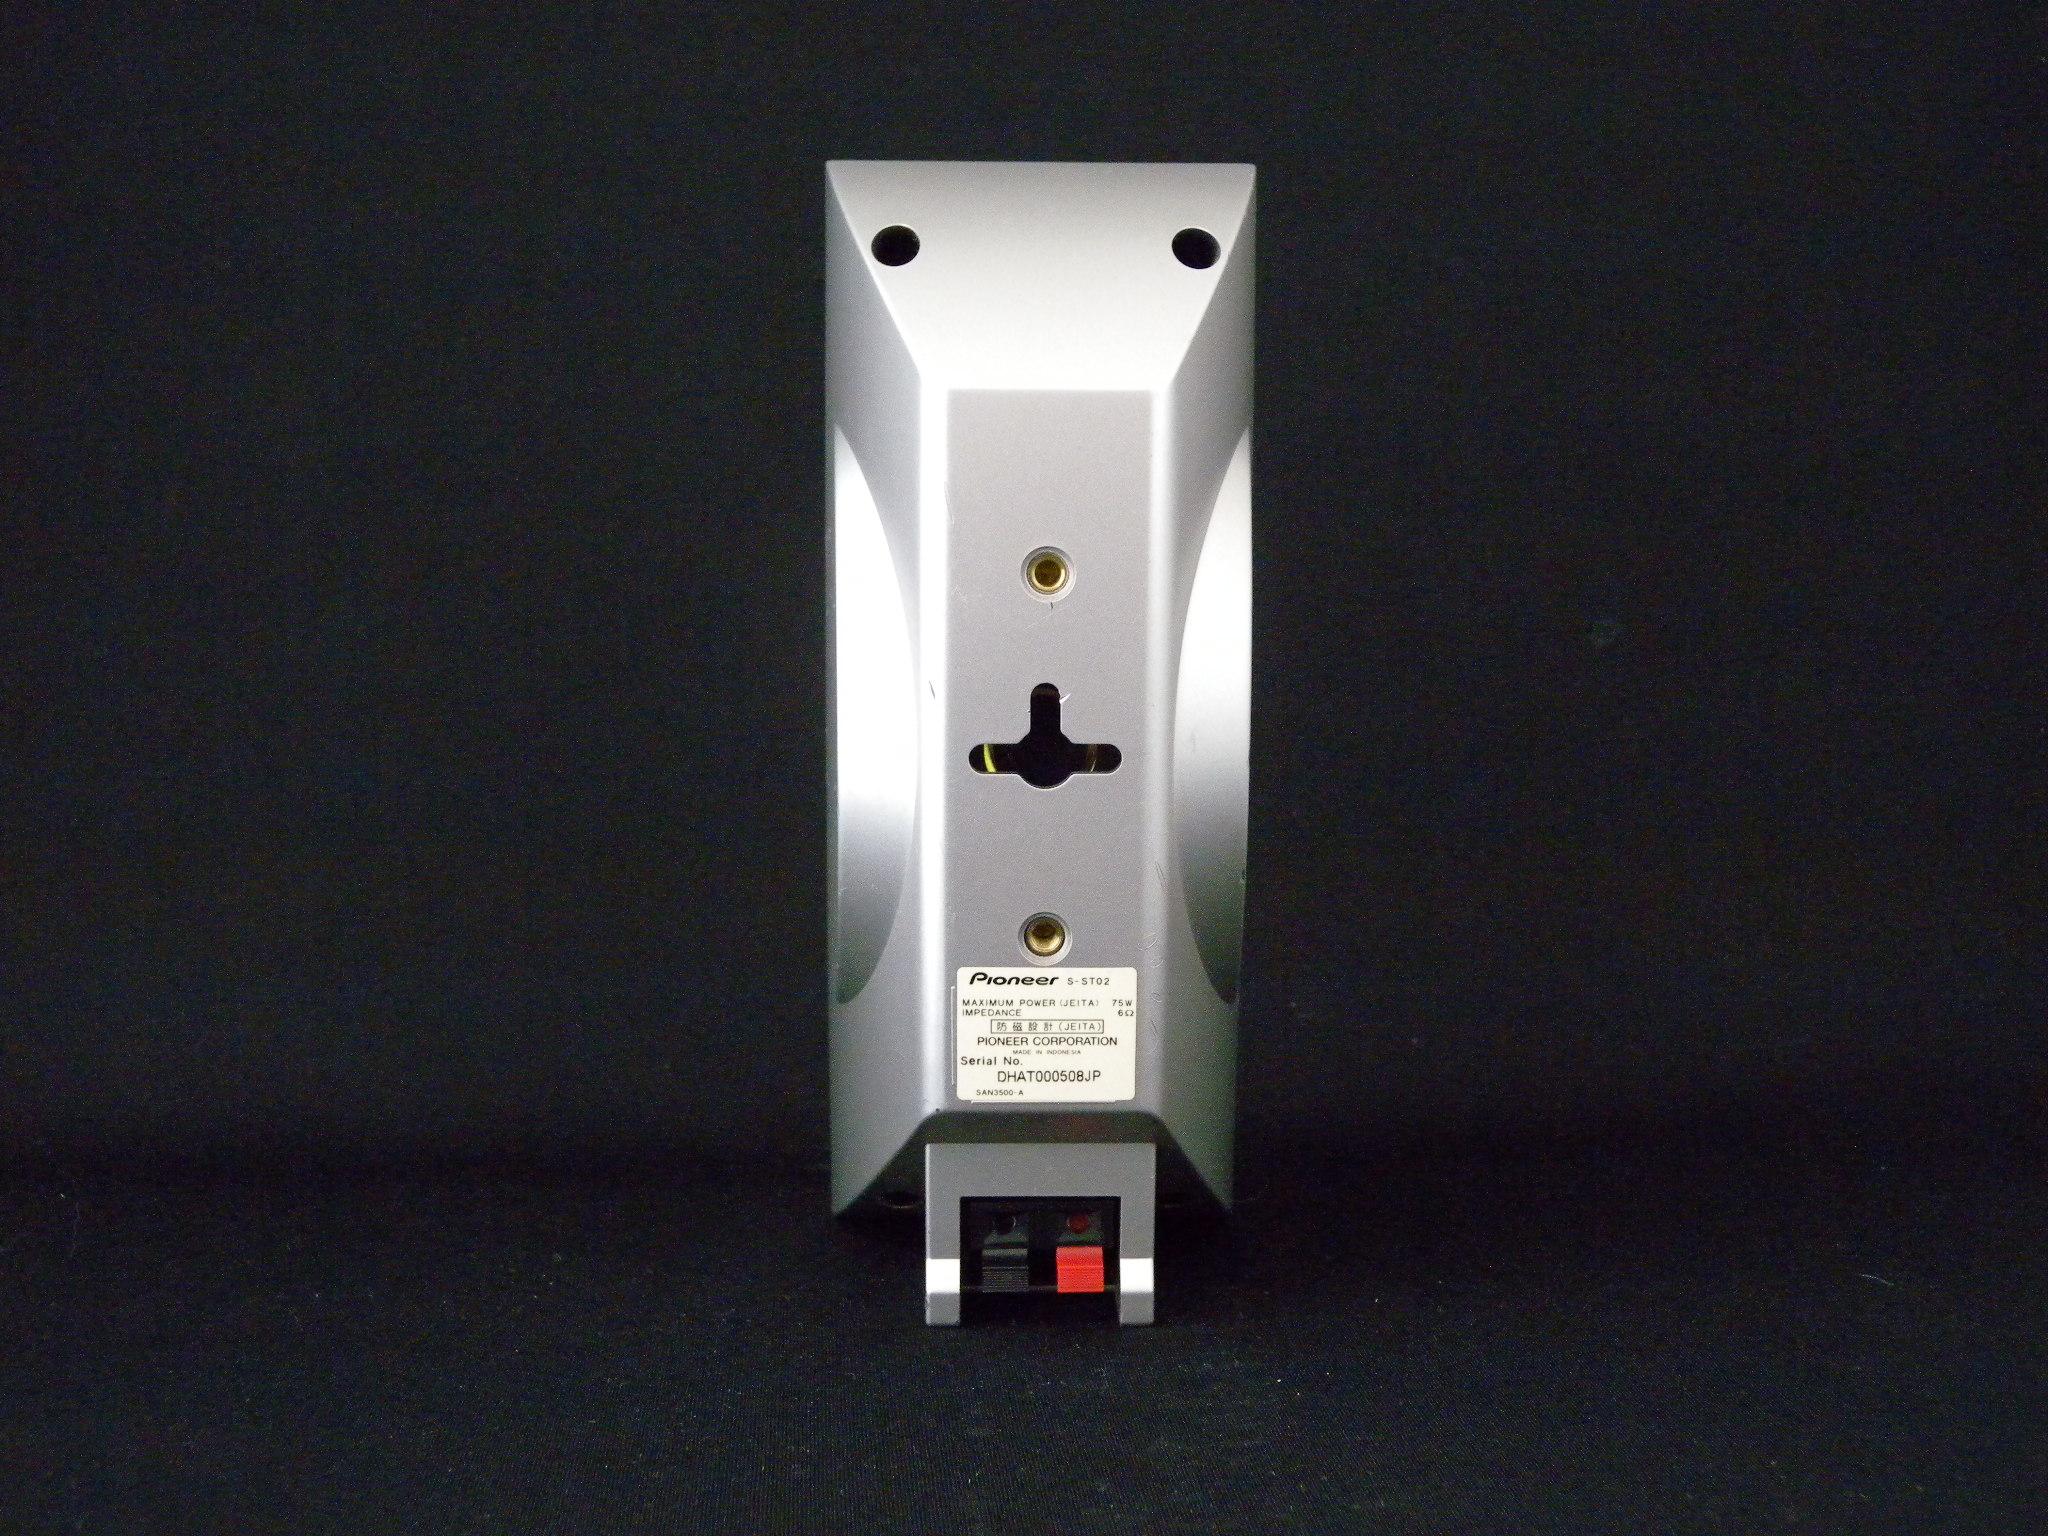 パイオニア,S-ST02,未使用,スピーカーシステム,AV,映画,サラウンド,6.1ch,7.1ch,Pioneer